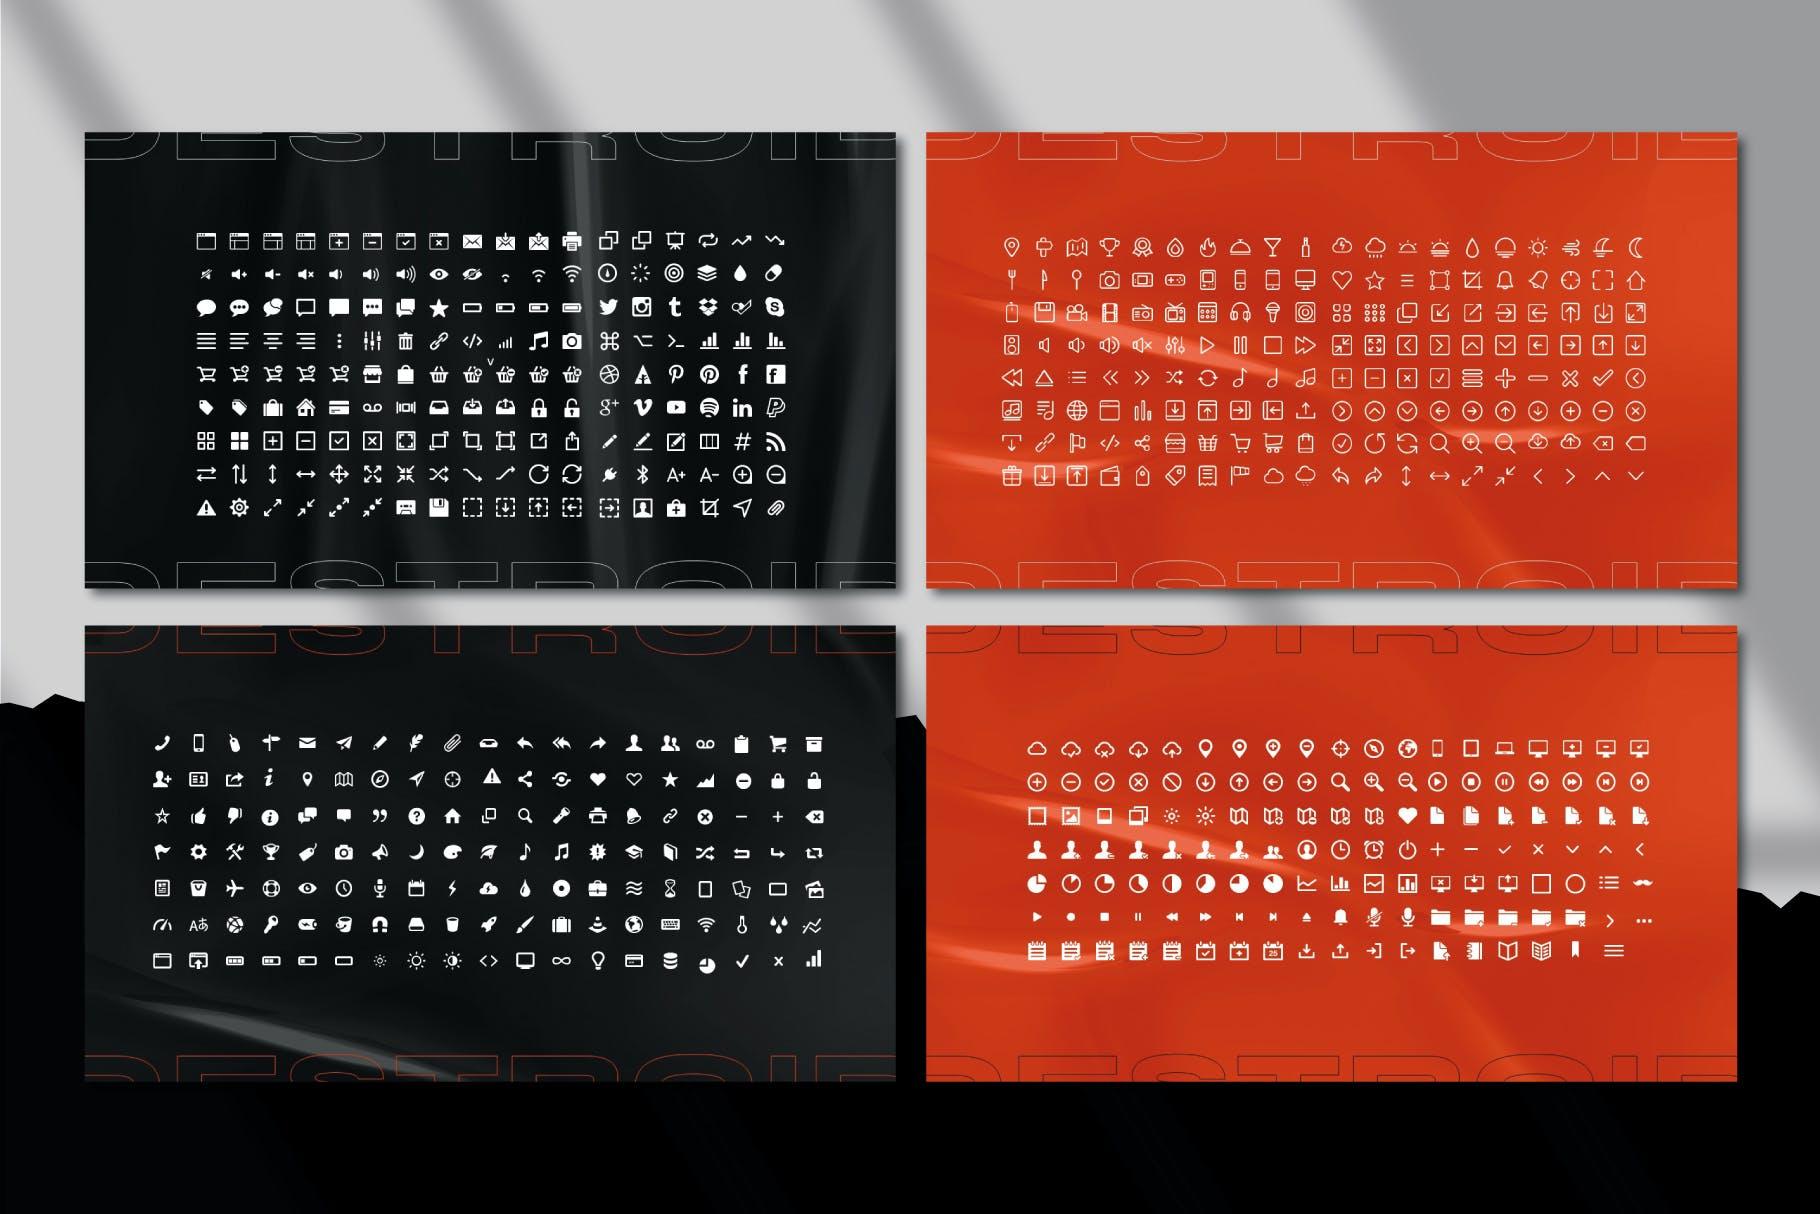 潮流街头潮牌服装推广PPT幻灯片设计模板 Destroid – Keynote Template插图7